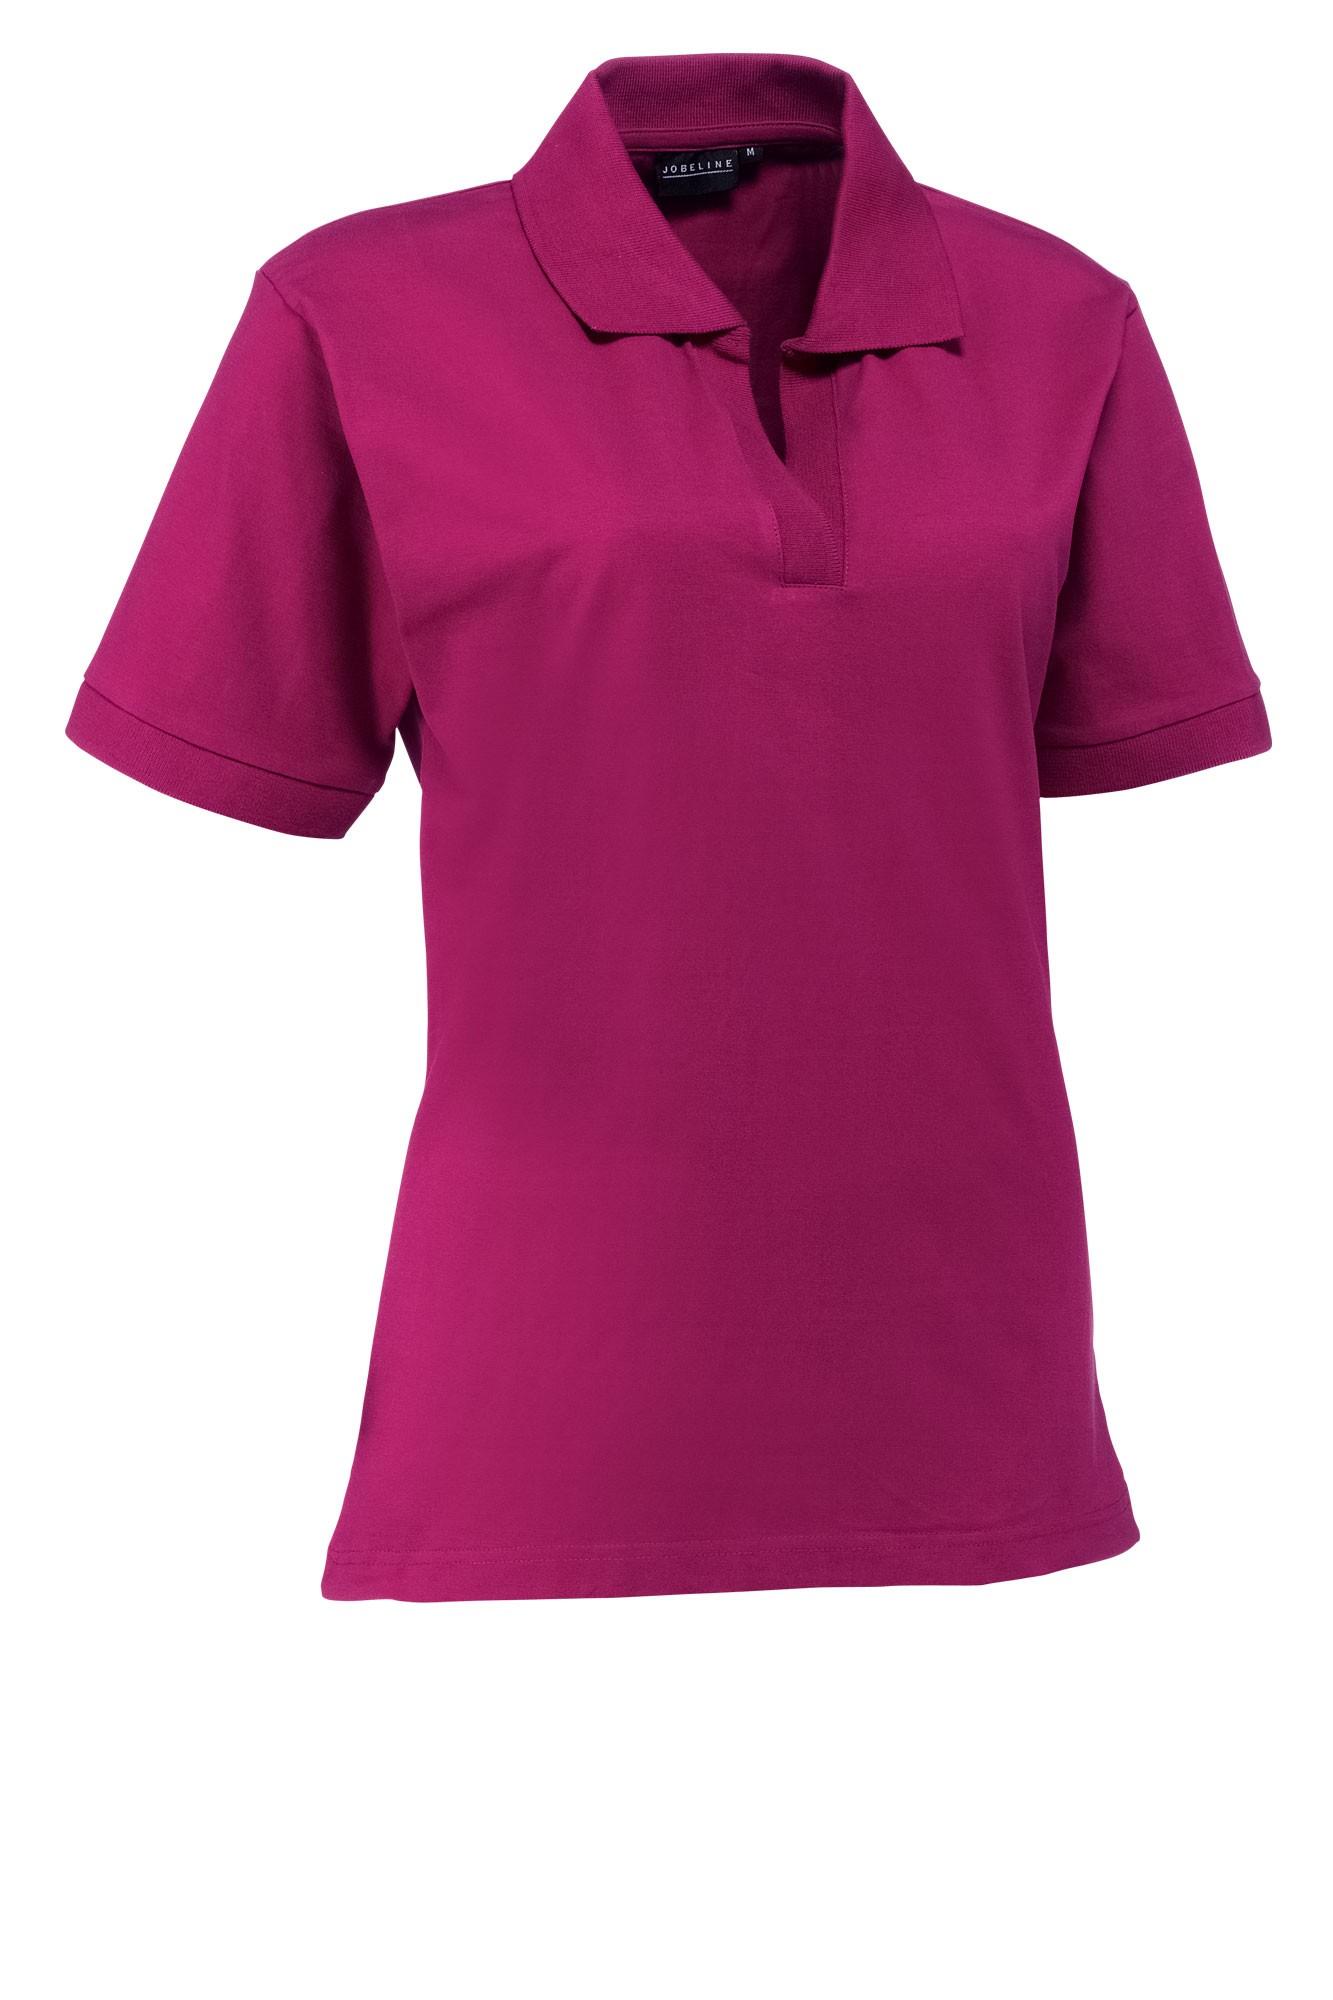 Dámské tričko Benita - ostružina